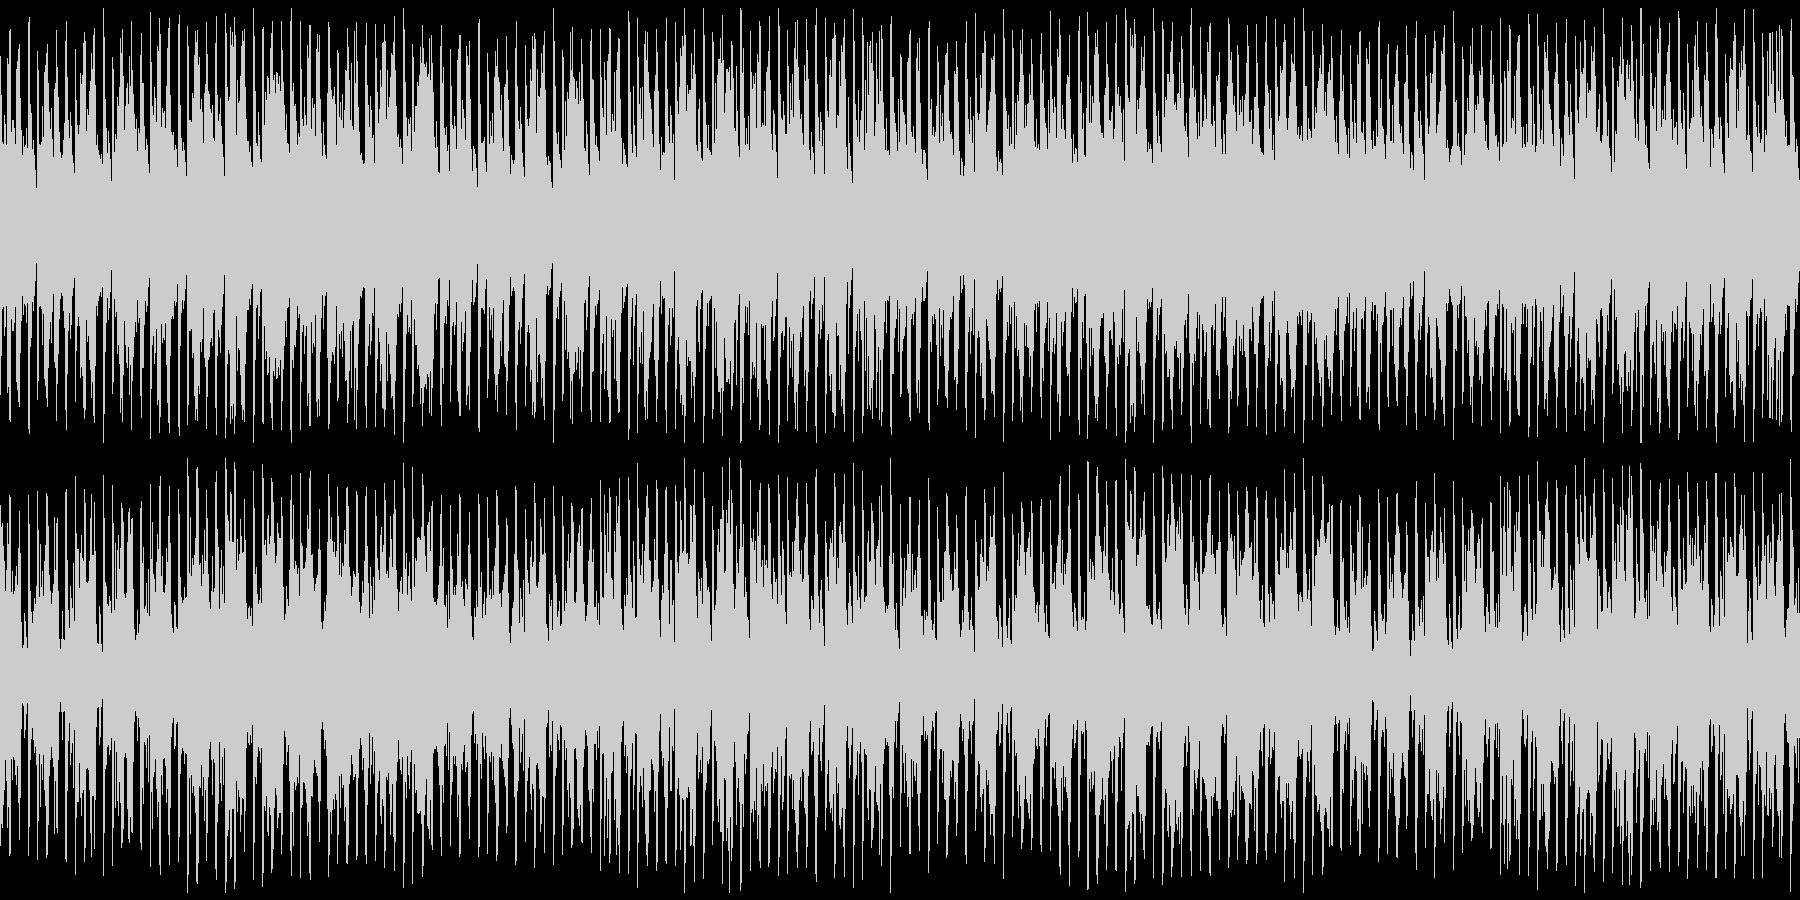 古筝 ・琵琶のファンク風BGMの未再生の波形